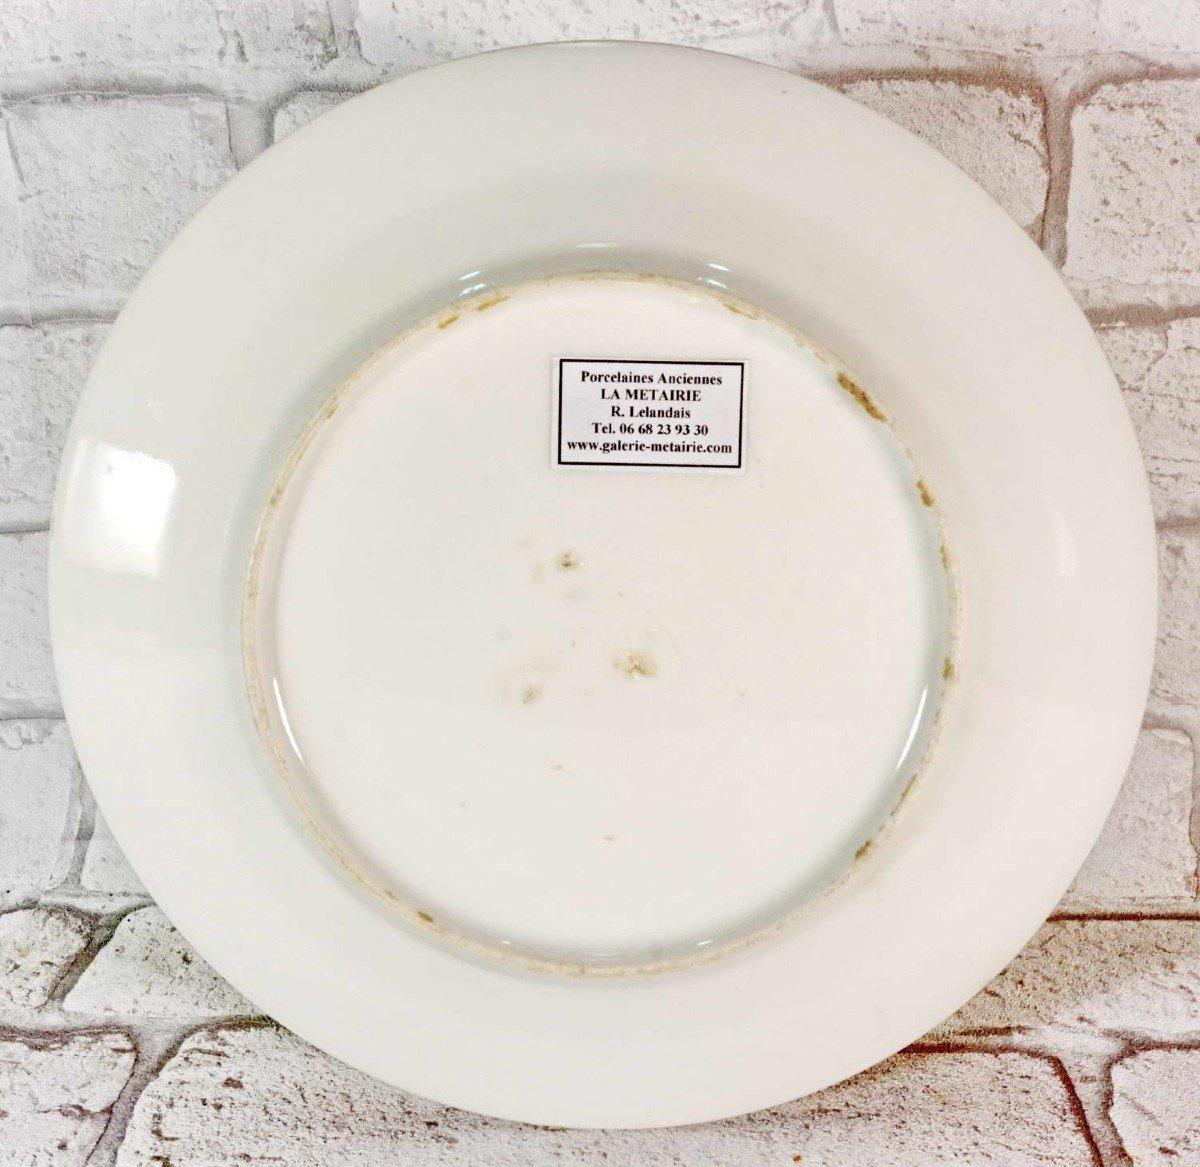 Assiette en Porcelaine de Paris - Franc Maçonnerie de Dunkerque - Ep. 1ere Moitie XIXe-photo-3